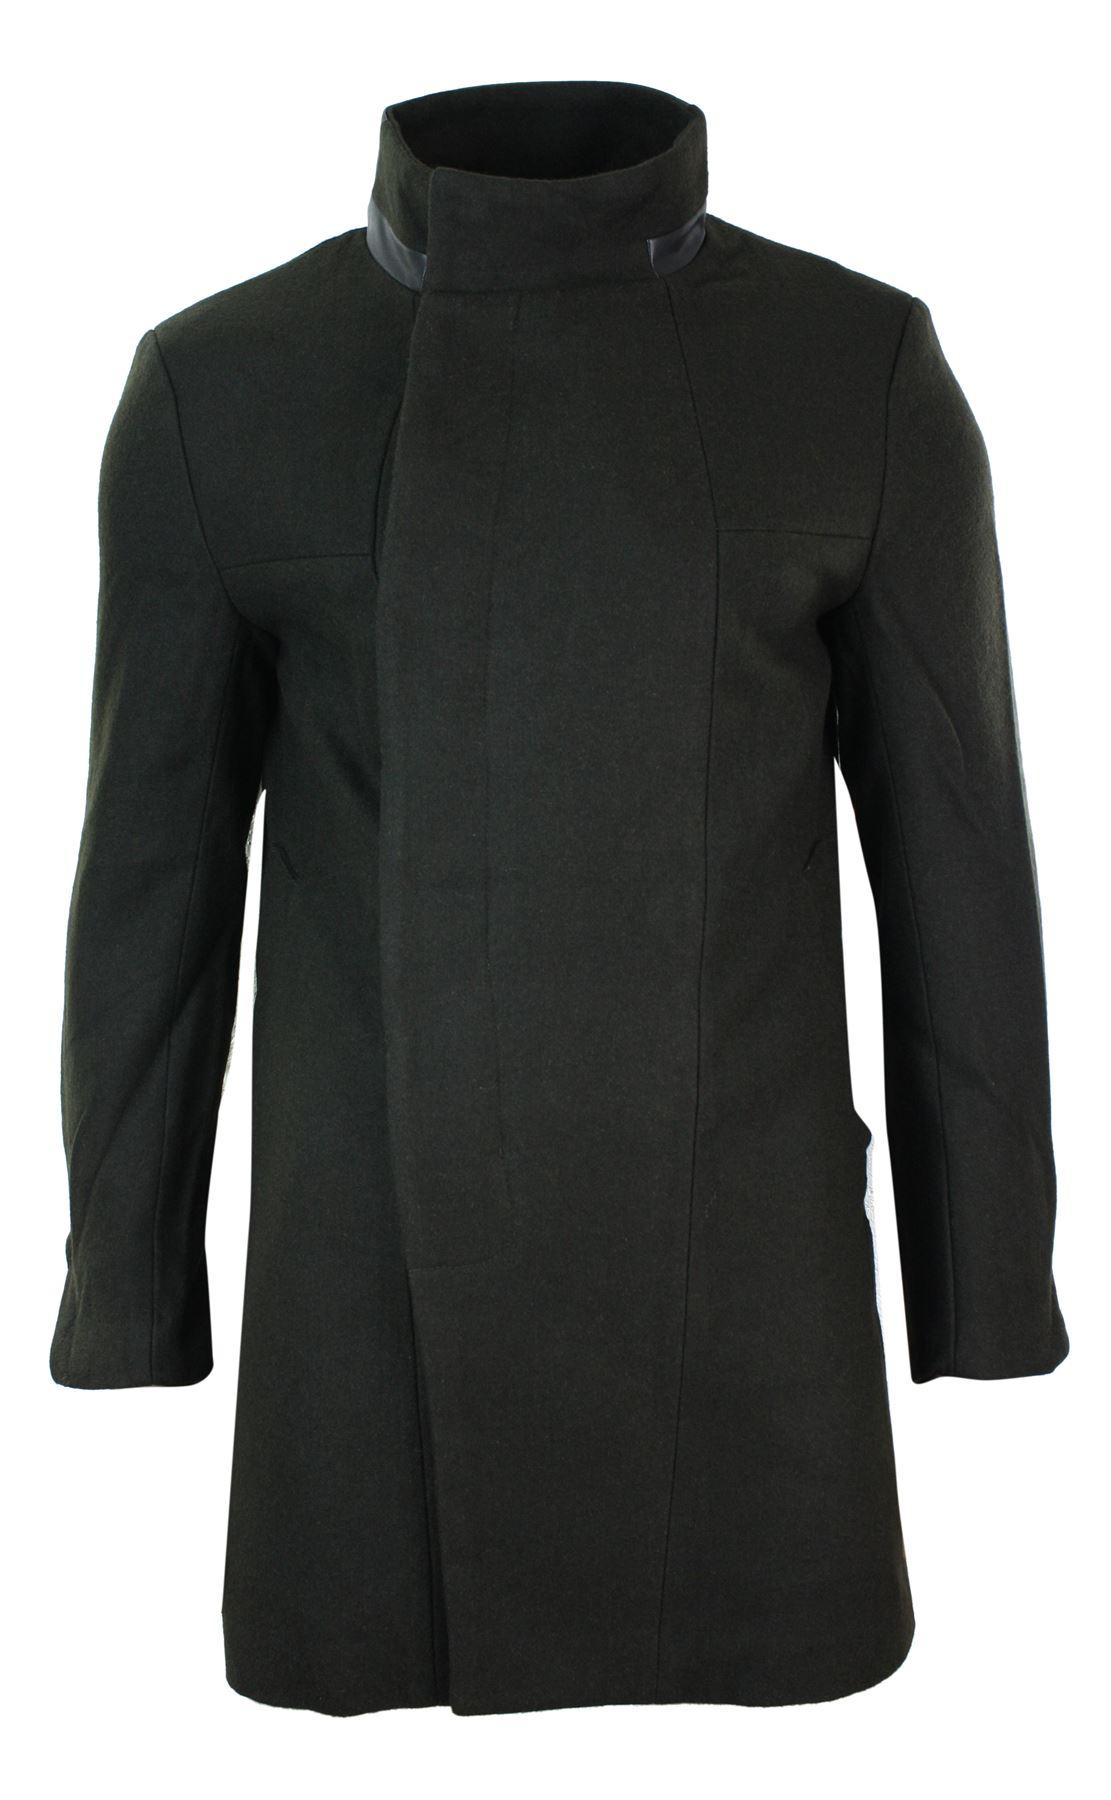 Veste Noir Manteau Cintrée Homme Mao Fermeture Olive 34 Khaki Col 5qwaU